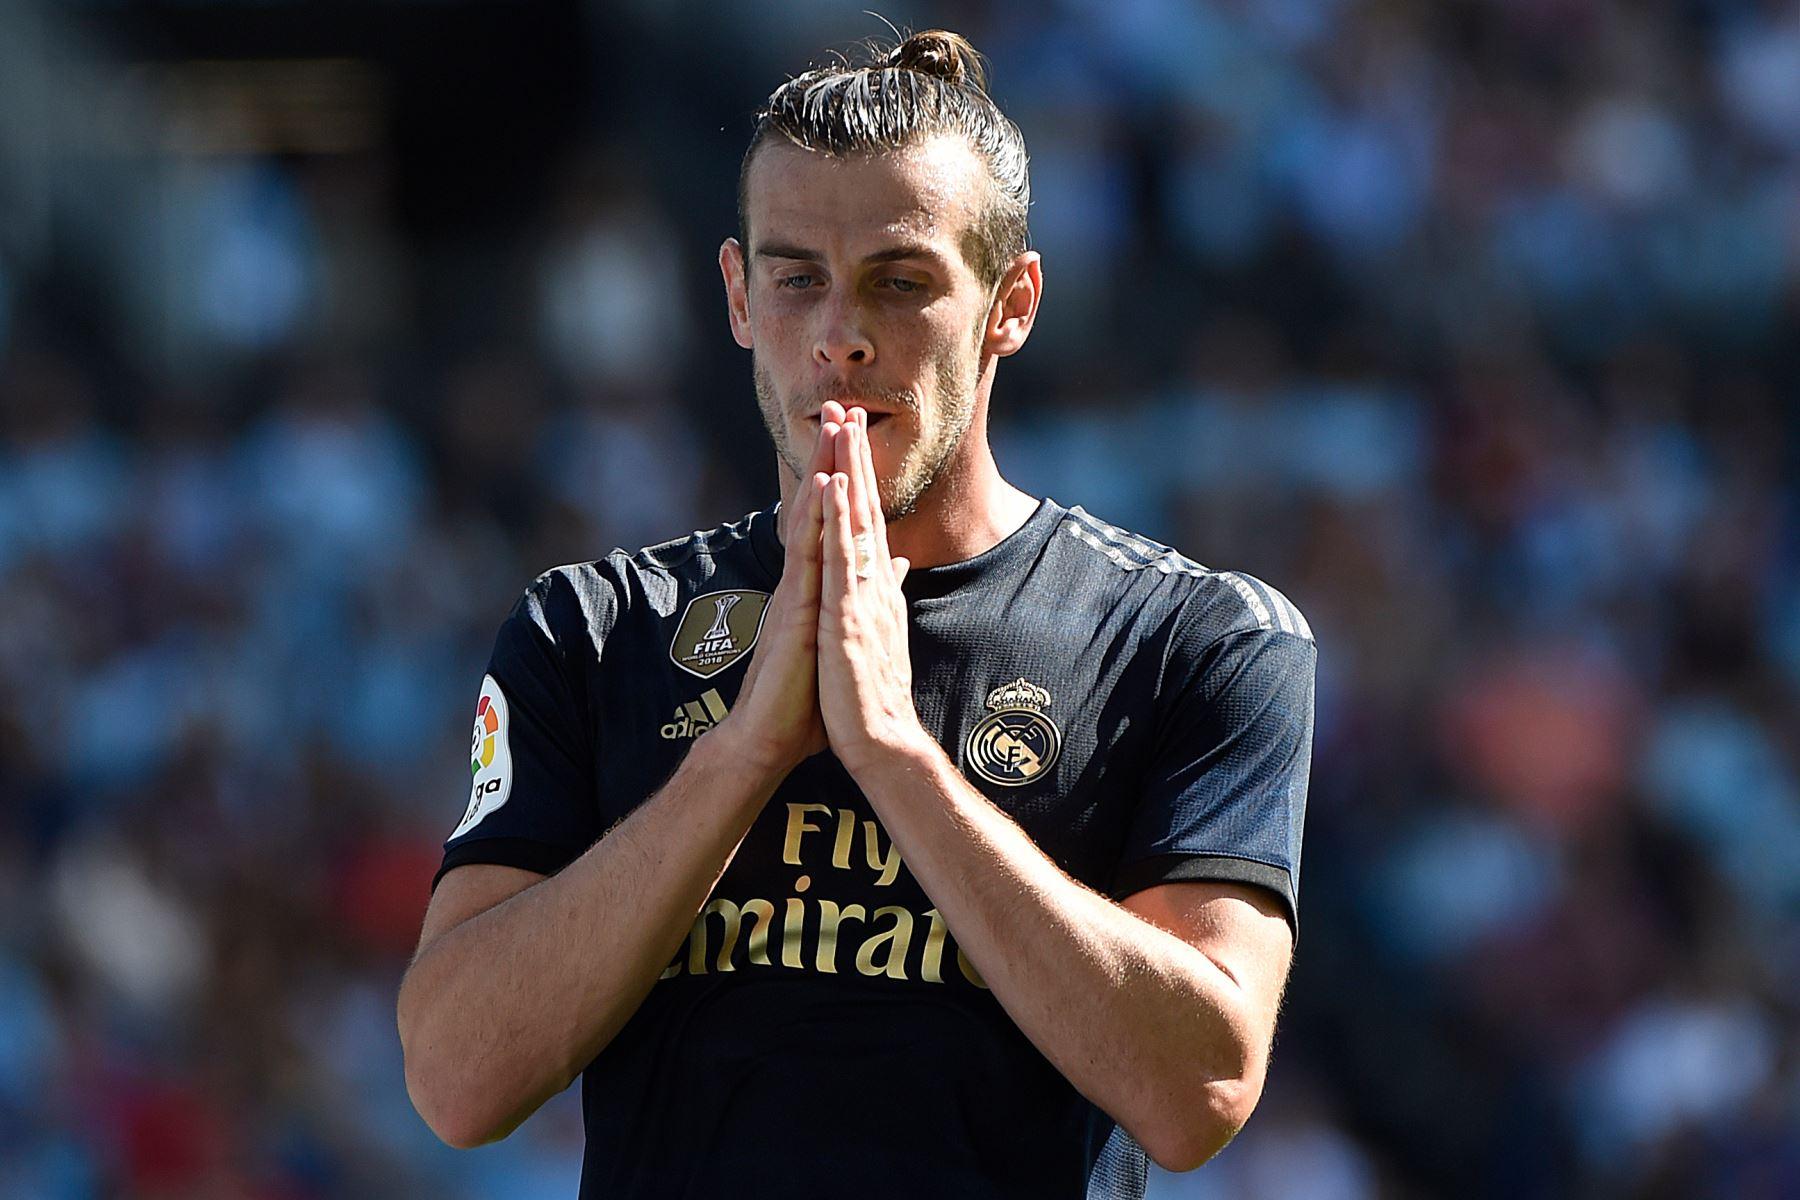 El delantero galés del Real Madrid, Gareth Bale, reacciona después de perder una oportunidad de gol durante el partido de fútbol de la Liga española entre el Celta Vigo y el Real Madrid. Foto:AFP